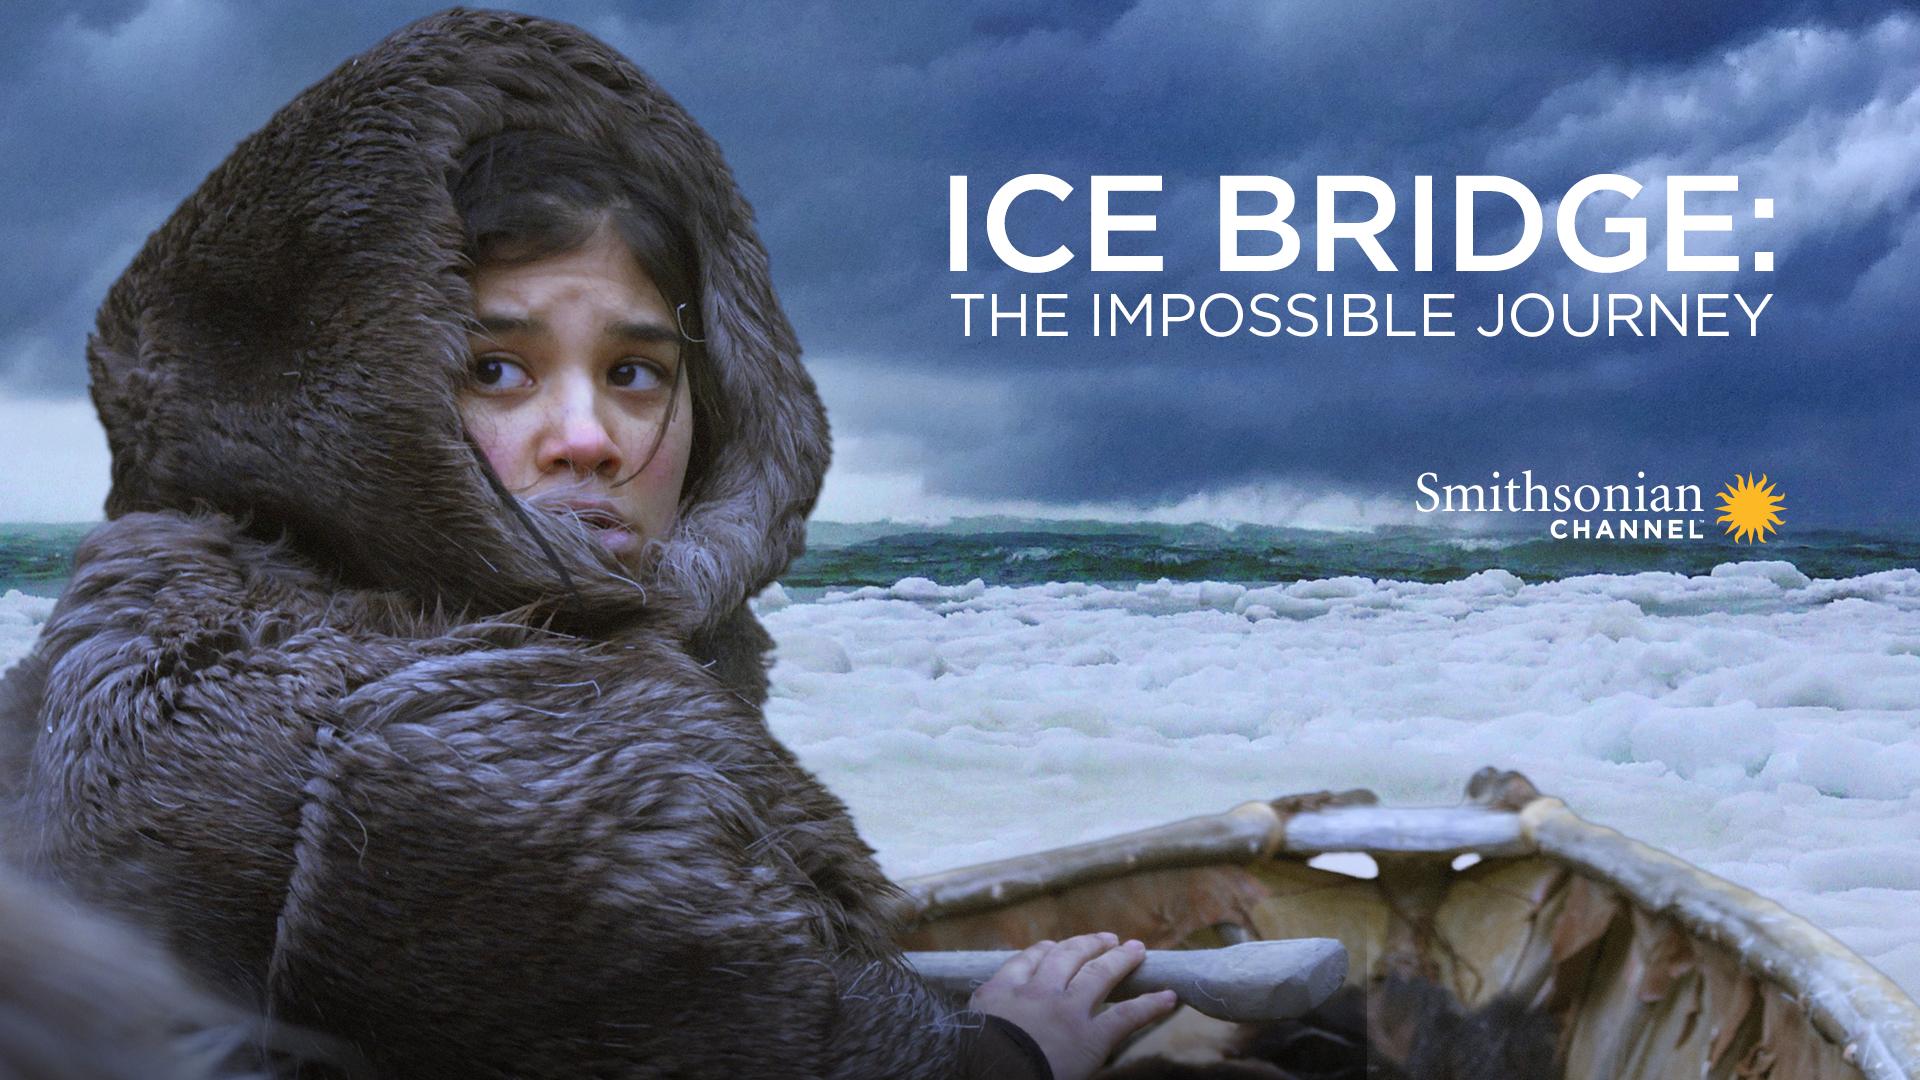 Ice Bridge: The Impossible Journey